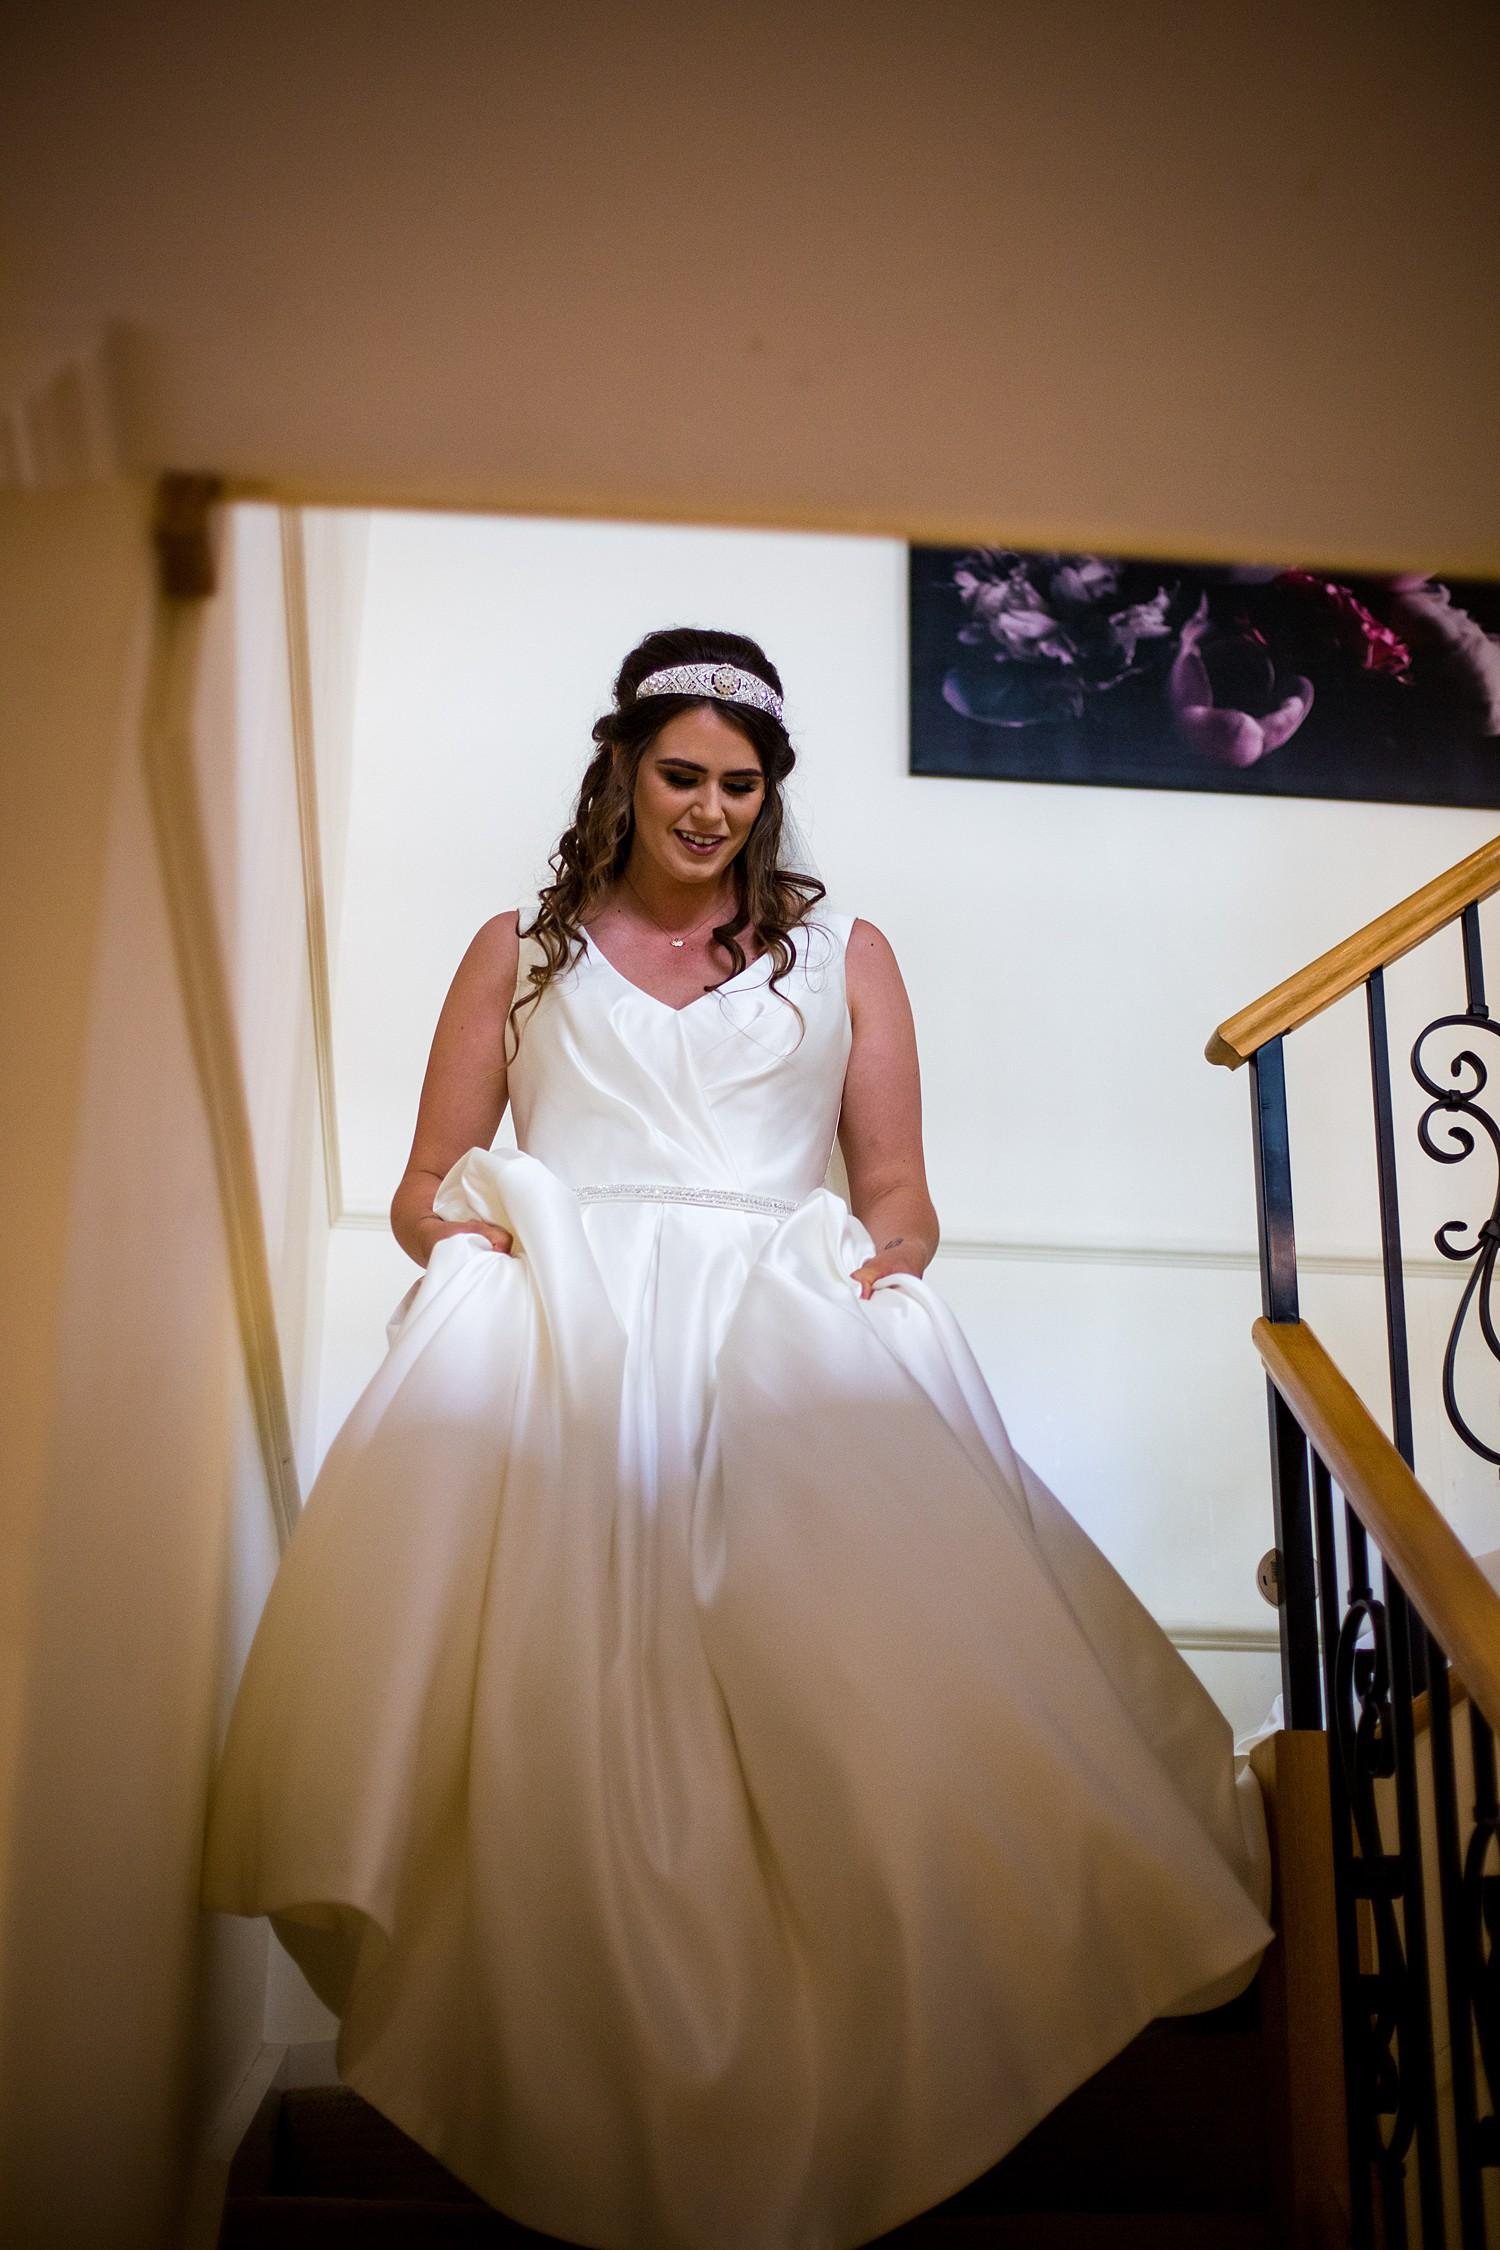 perth_swan_valley_scottish_rainy_wedding_0013.jpg